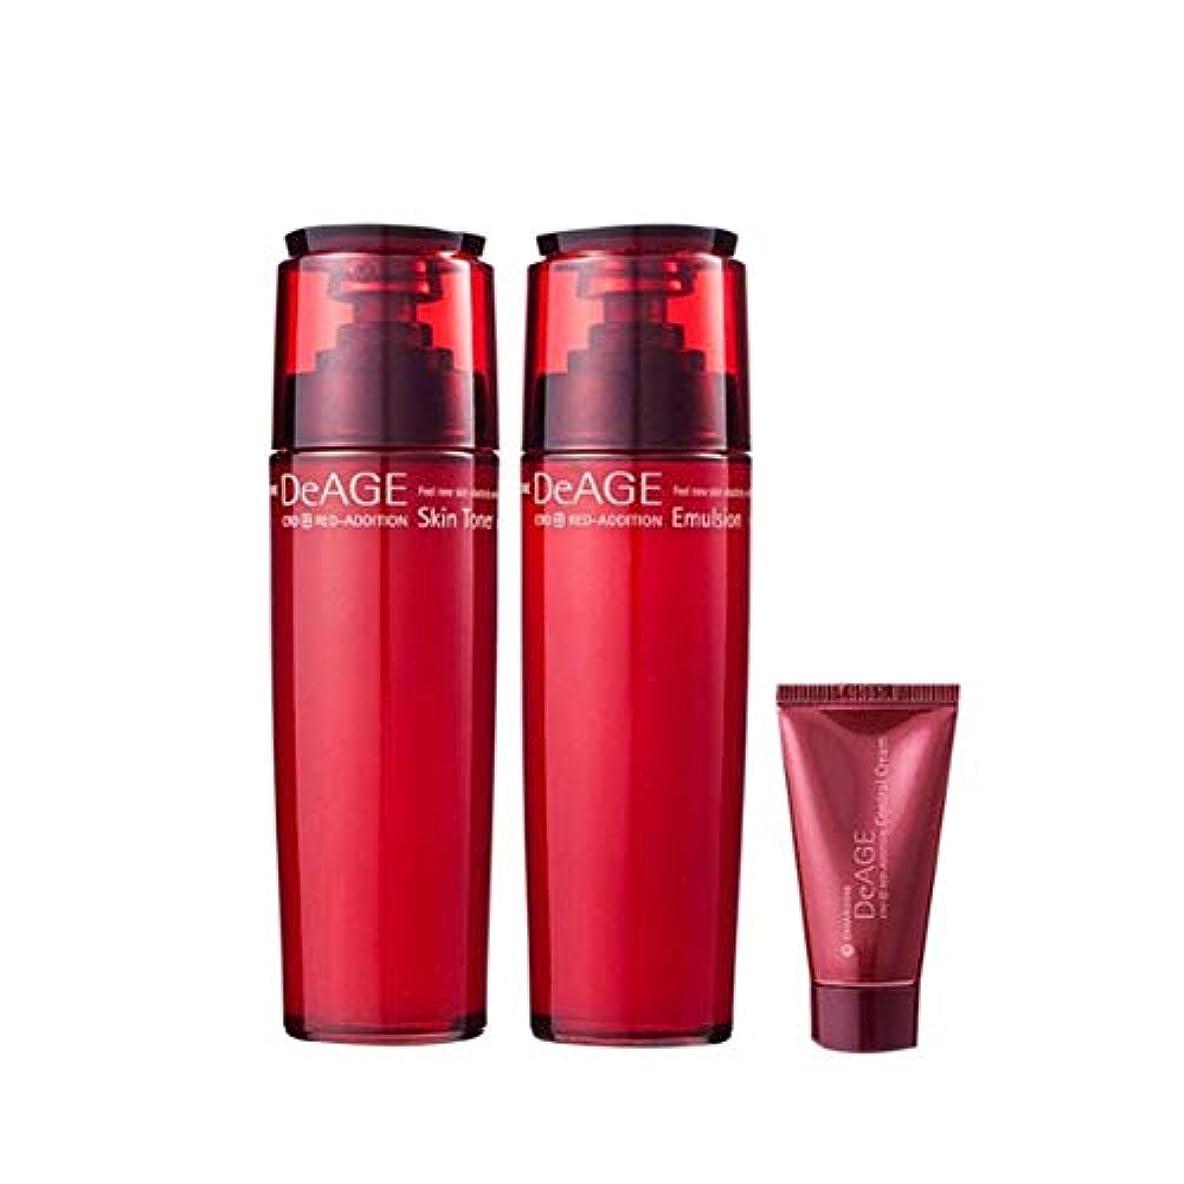 有益独占治療チャムジョンディエイジレッドエディションセット(スキントナー130ml、エマルジョン130ml、コントロールクリーム15ml)、Charmzone DeAGE Red Addition Set(Skin Toner 130ml...